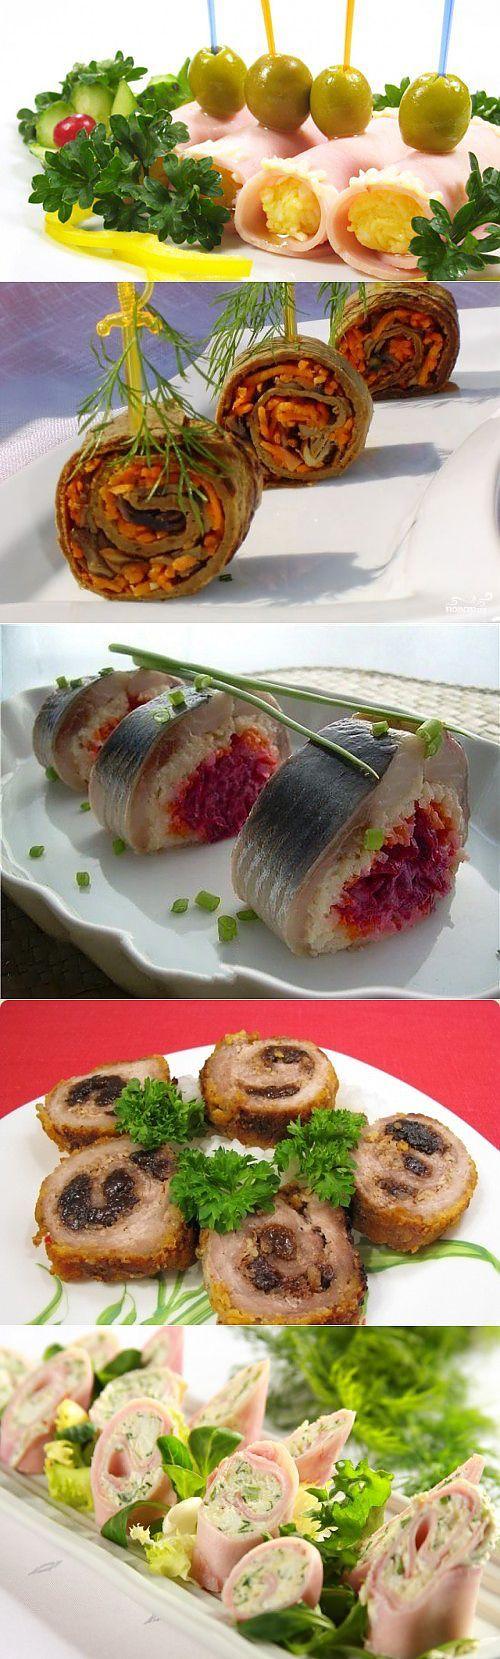 Самые вкусные закуски: рулетики с разными начинками http://ovkuse.ru/recipes/ruletiki-s-raznymi-nachinkami/?utm_source=email&utm_medium=6feb   Простые рецепты